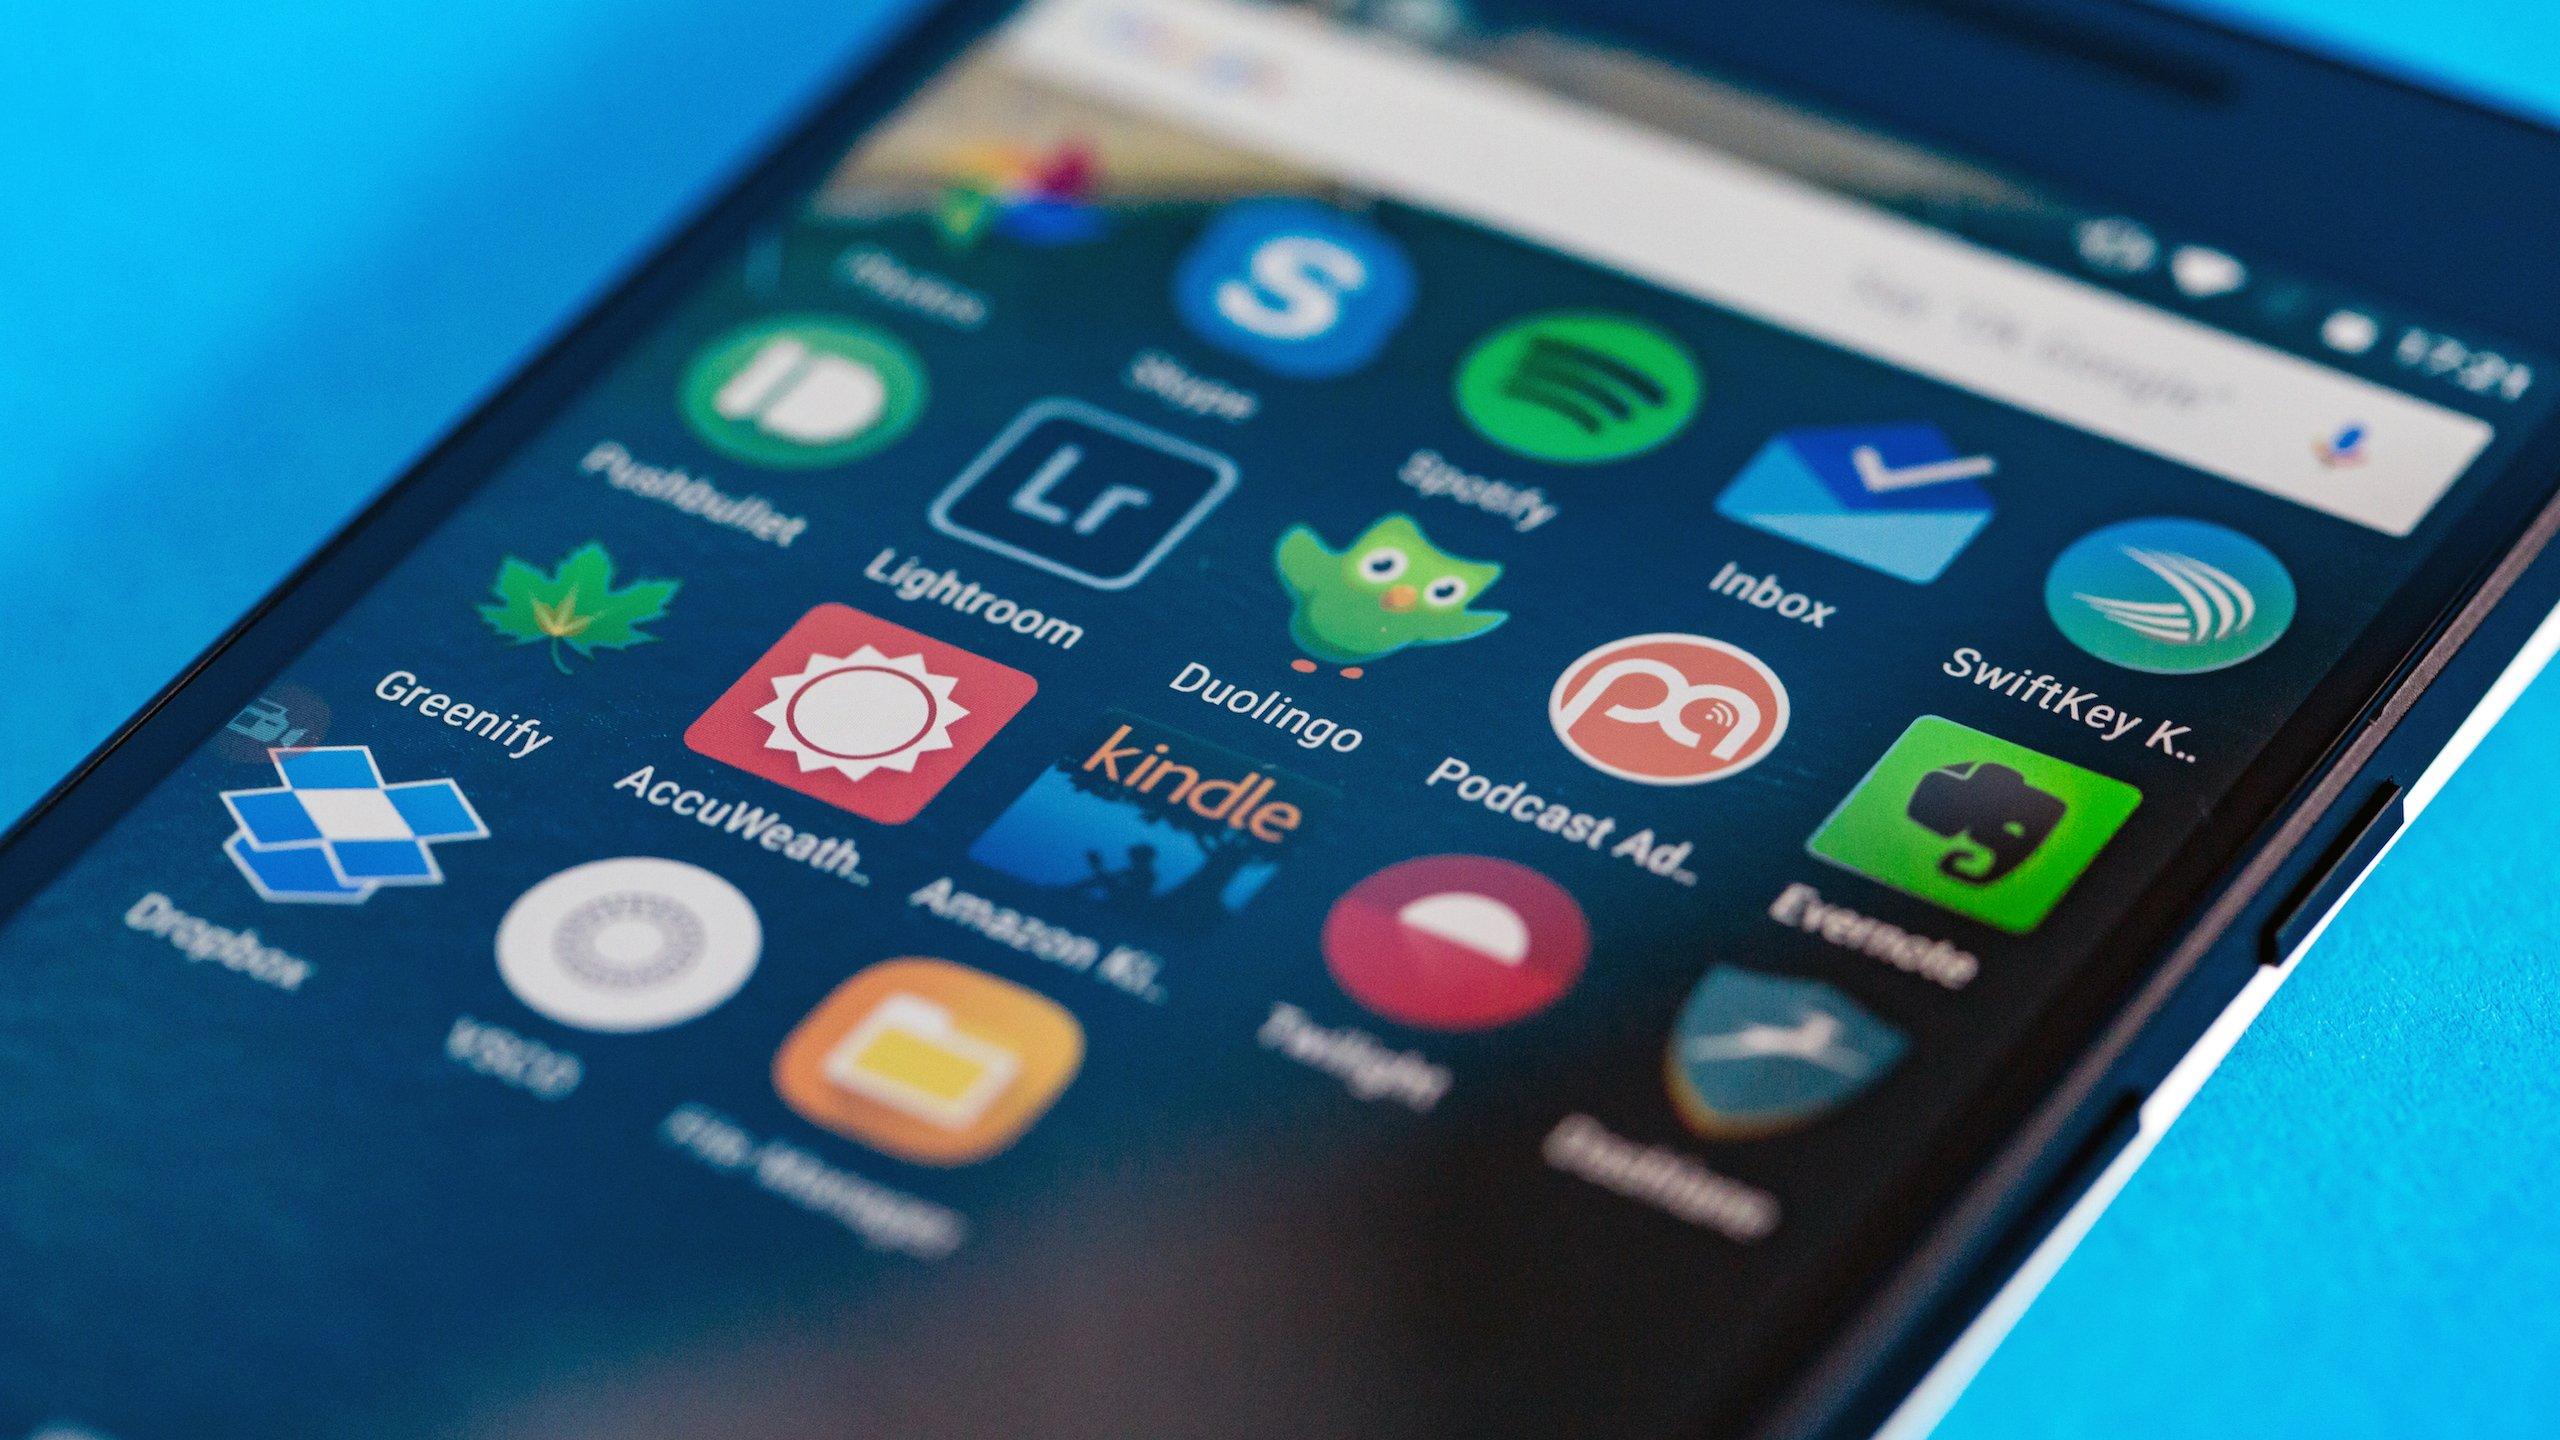 Android generará más dinero a los desarrolladores que iOS en 2018